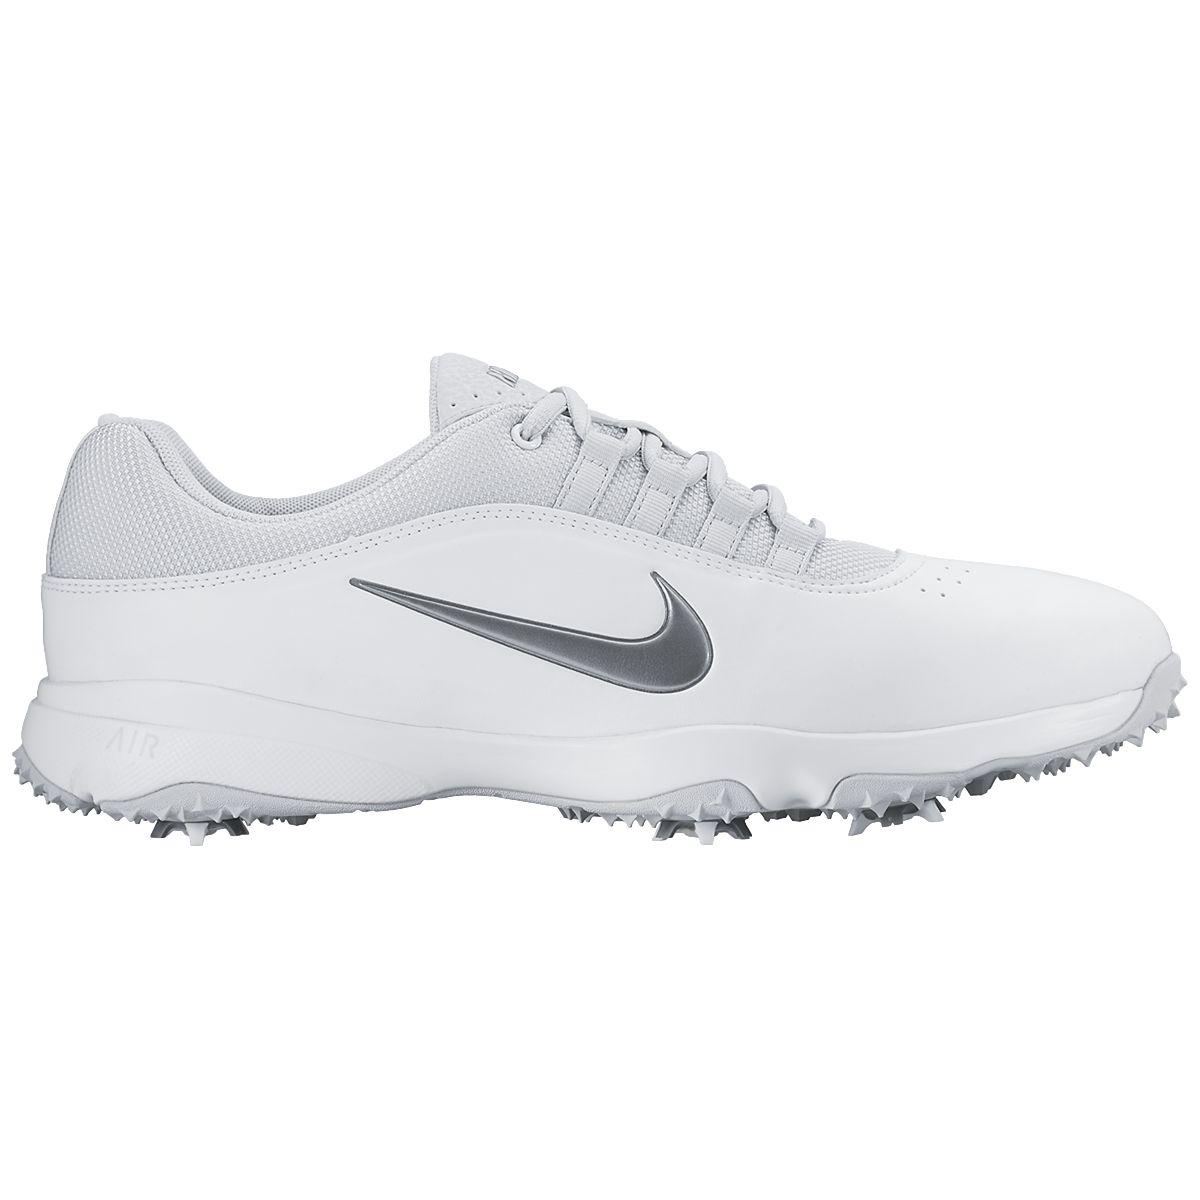 Nike Air Rival 4 White Golf Shoes